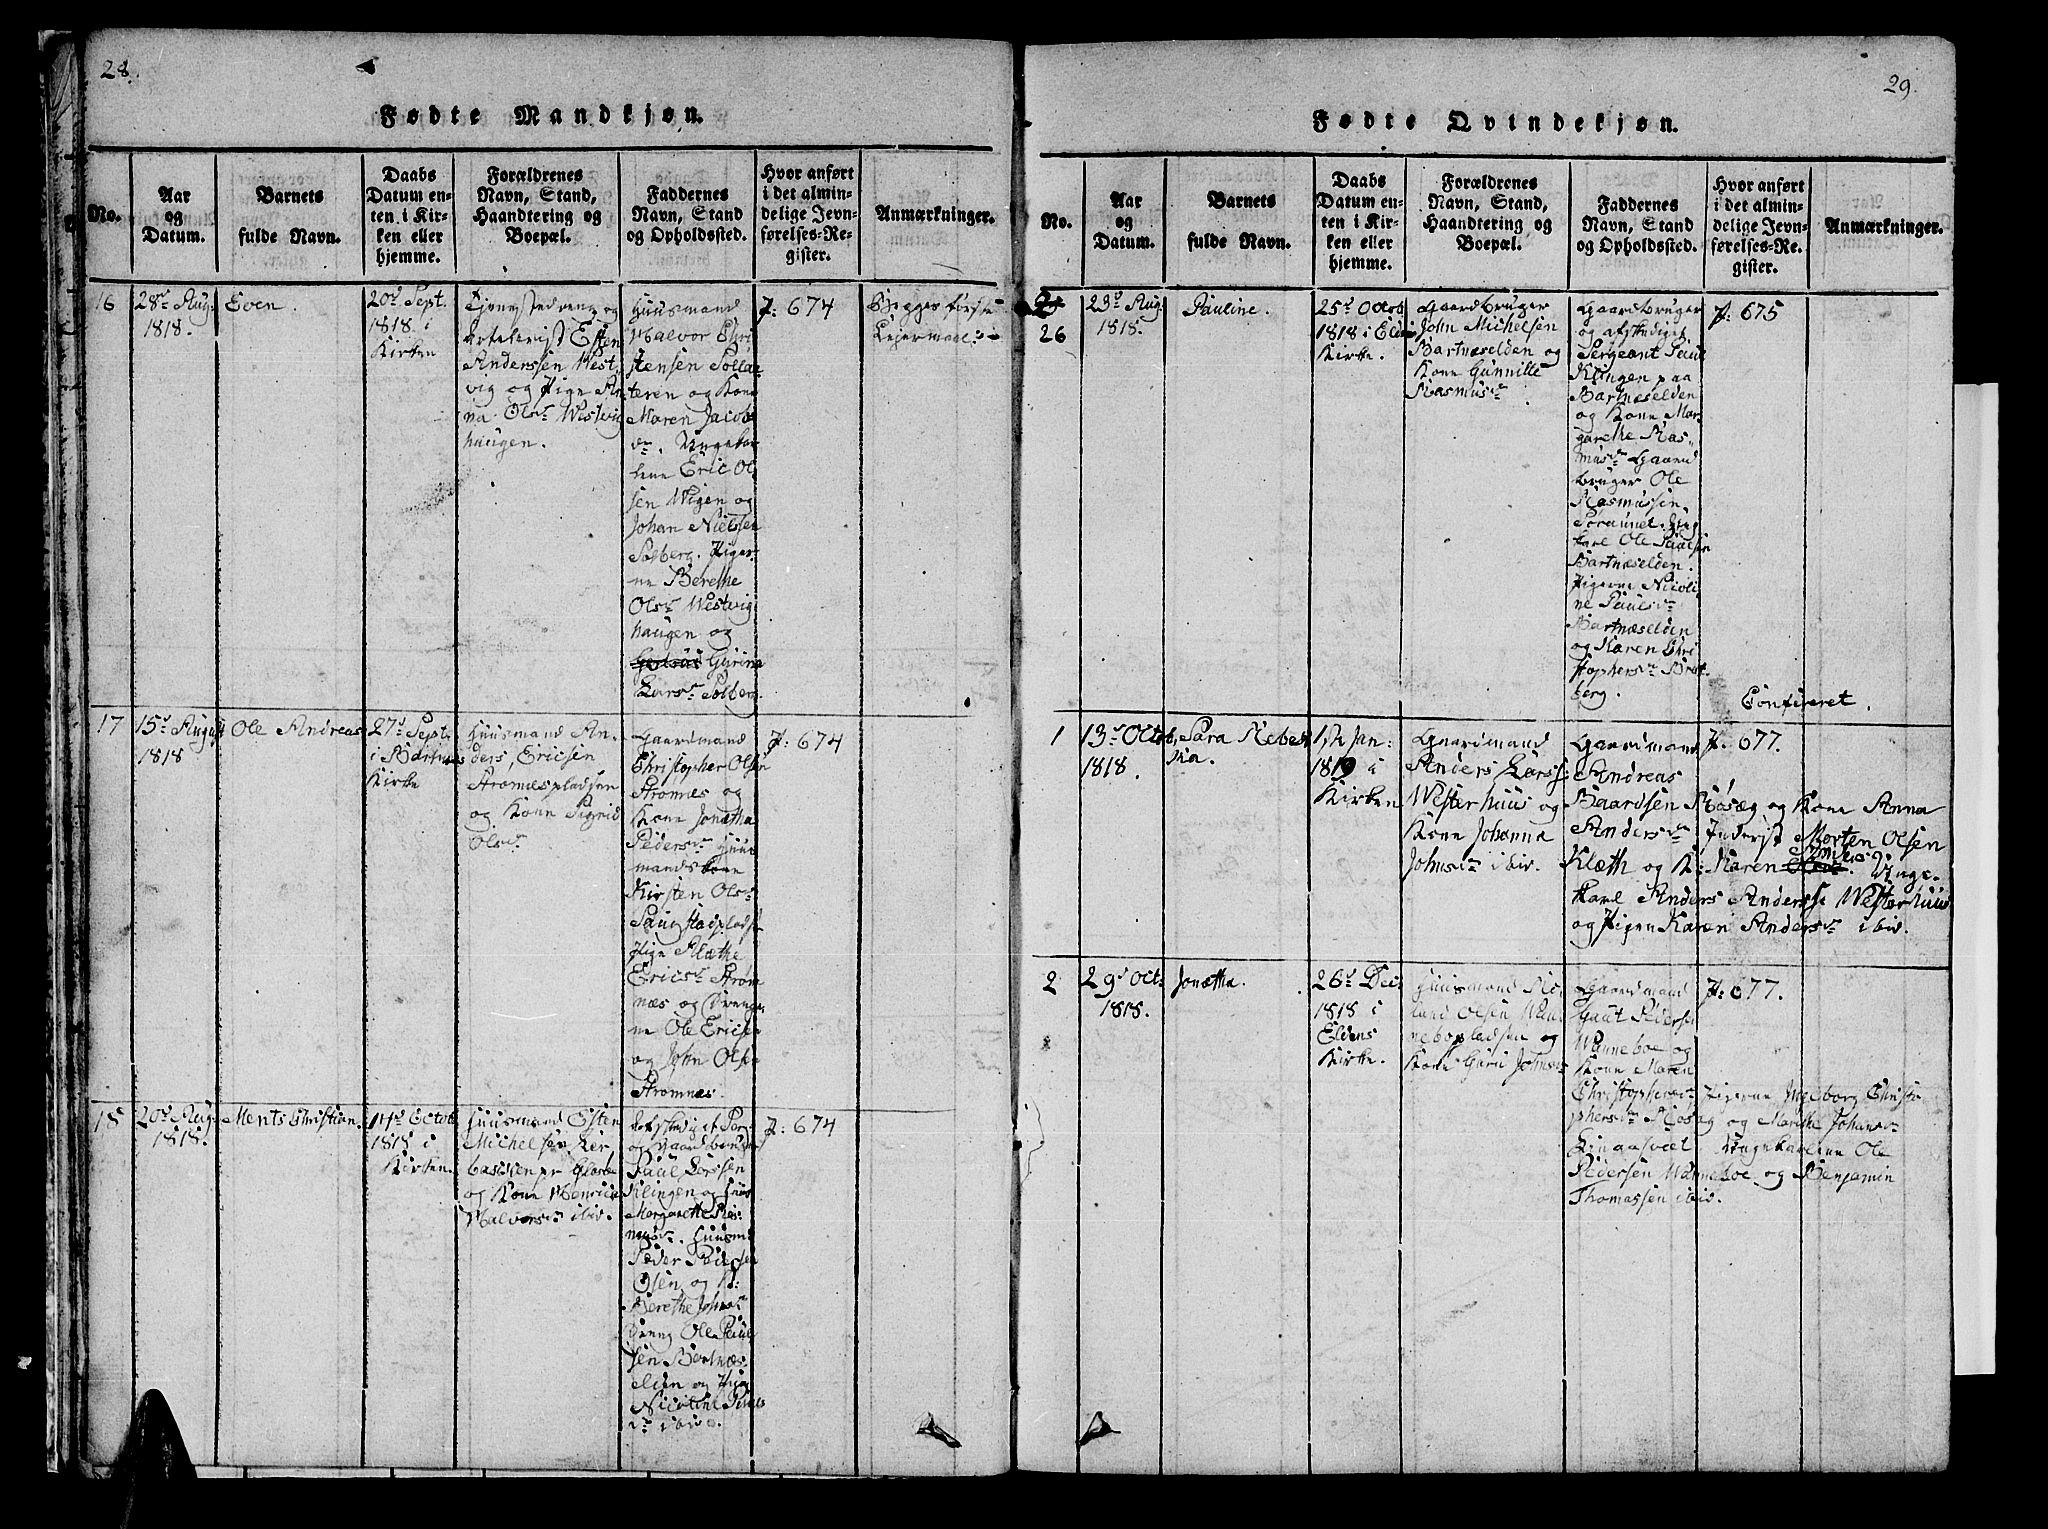 SAT, Ministerialprotokoller, klokkerbøker og fødselsregistre - Nord-Trøndelag, 741/L0400: Klokkerbok nr. 741C01, 1817-1825, s. 28-29